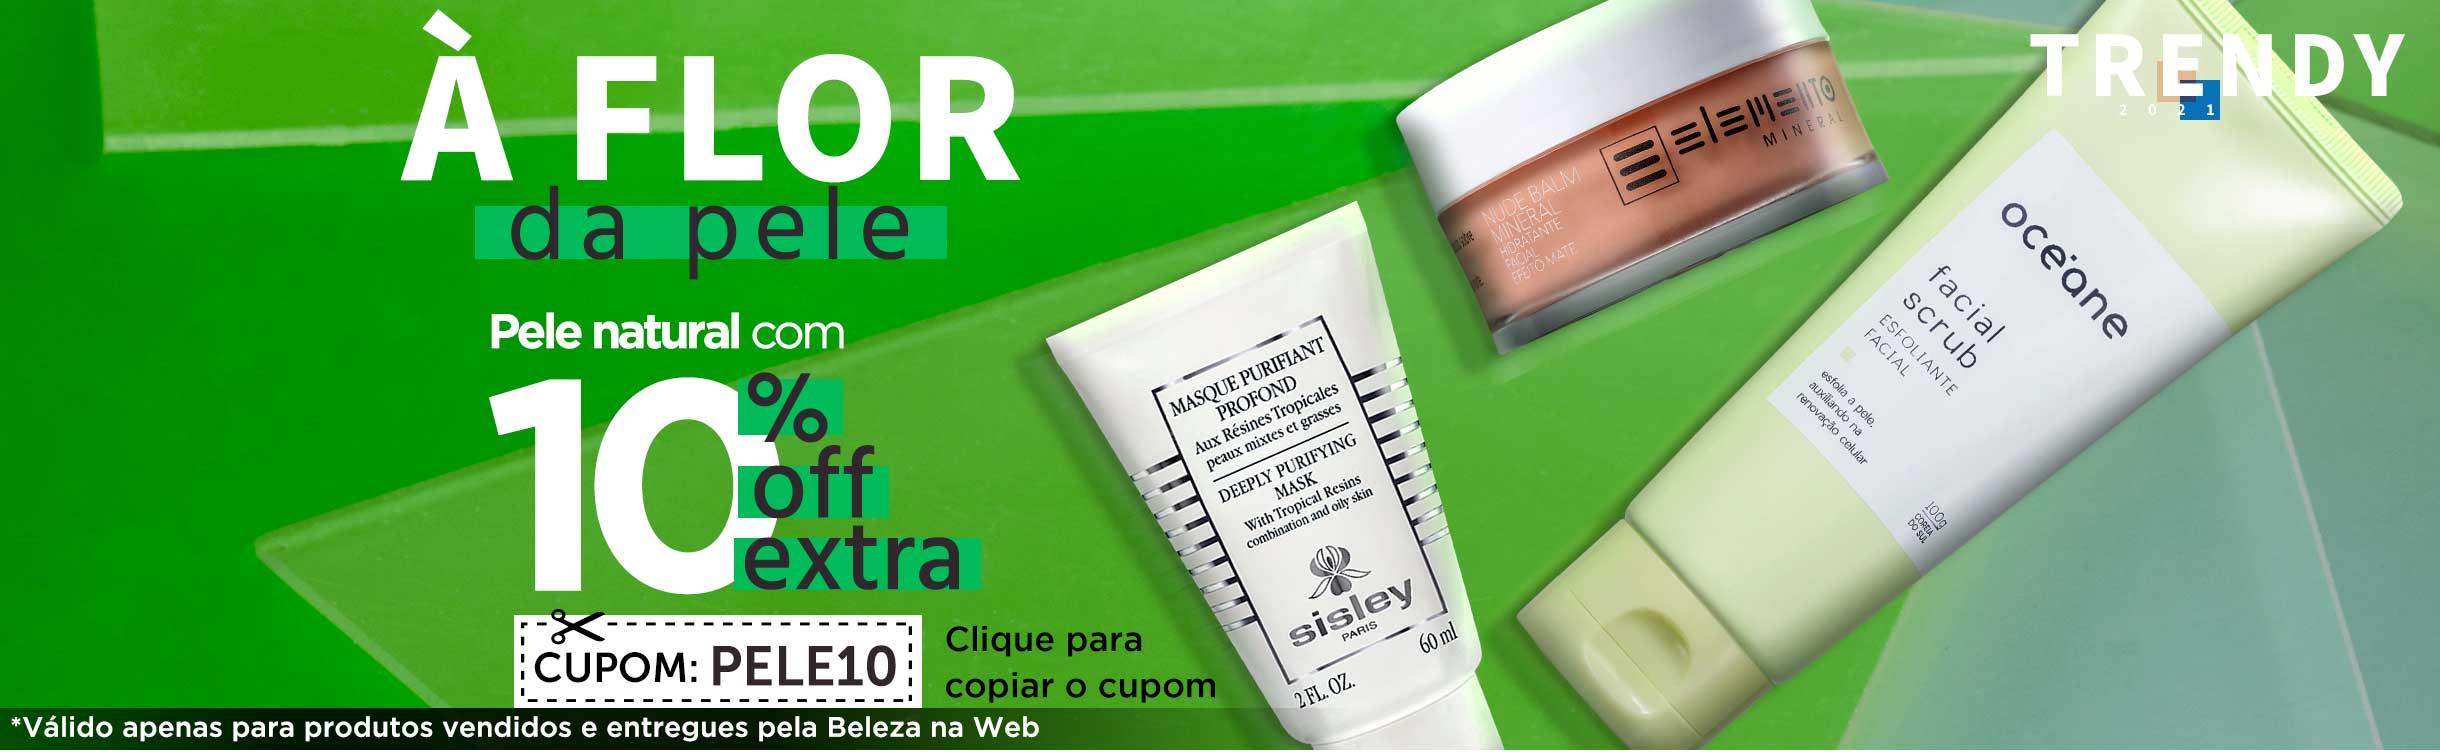 Skincare | Pele natural com 10% extra